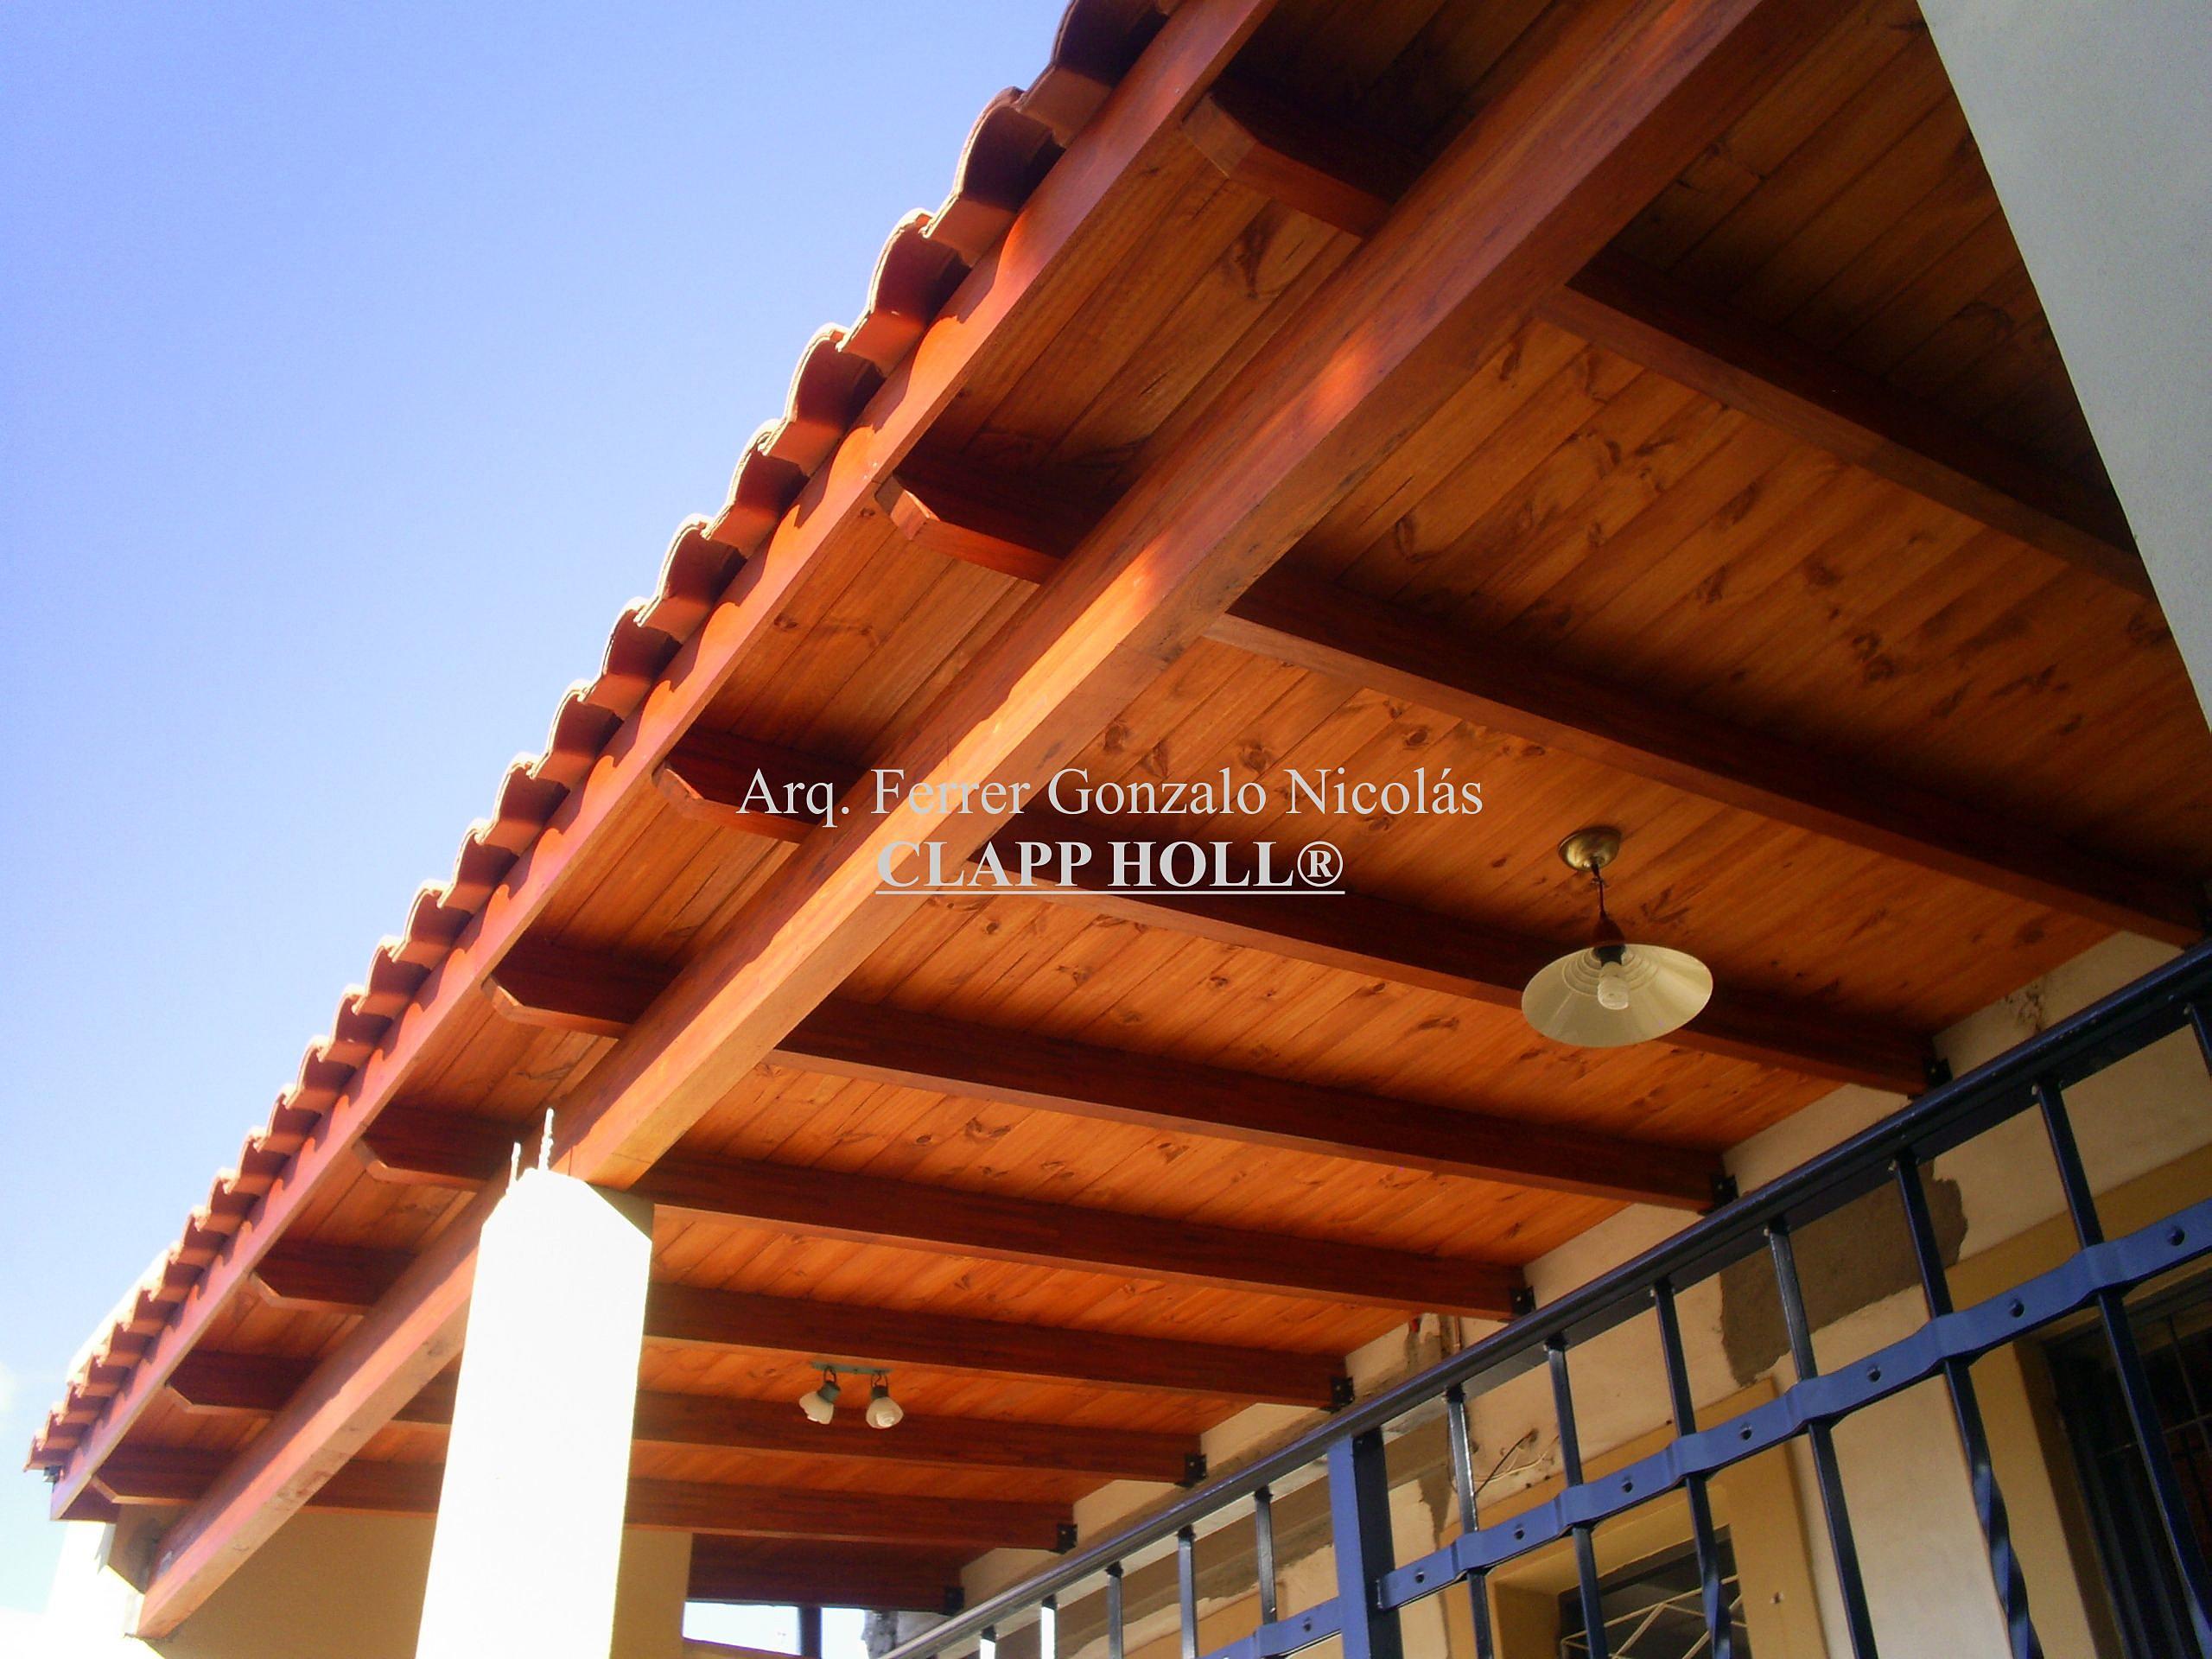 Precios de techos de madera cmo disear entrepisos y - Techos de madera precios ...